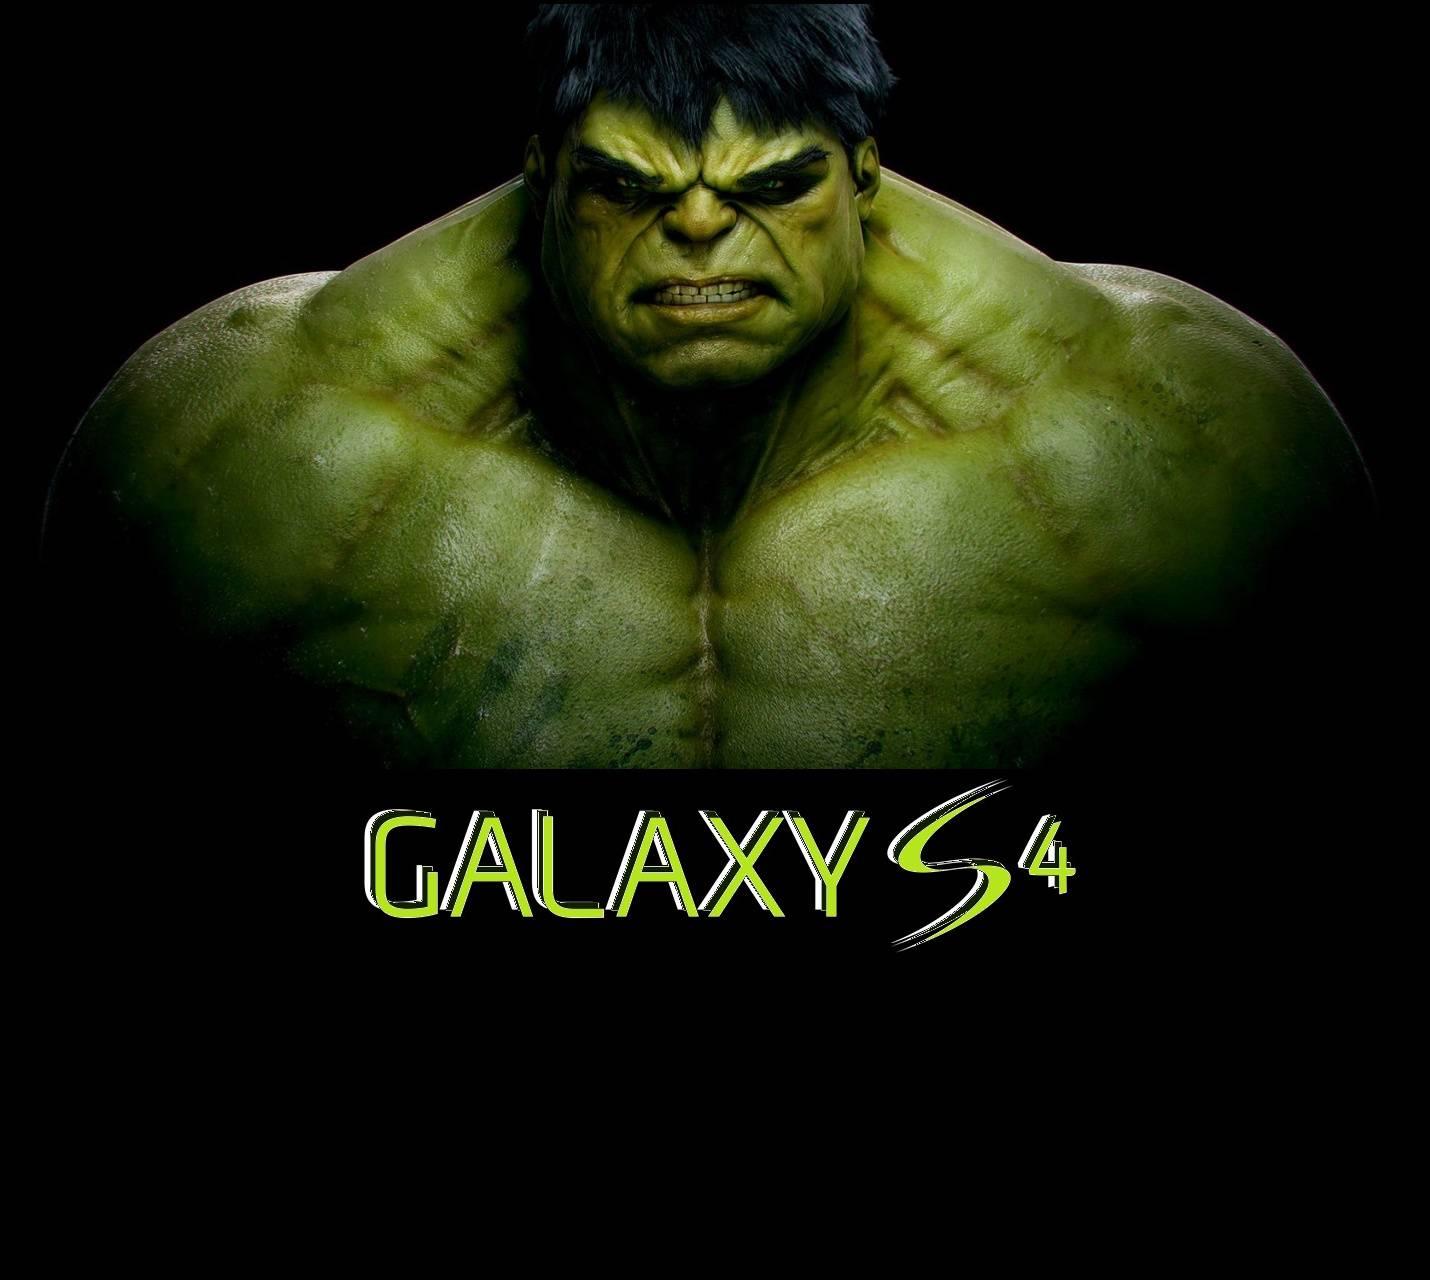 Hulk Galaxy S4